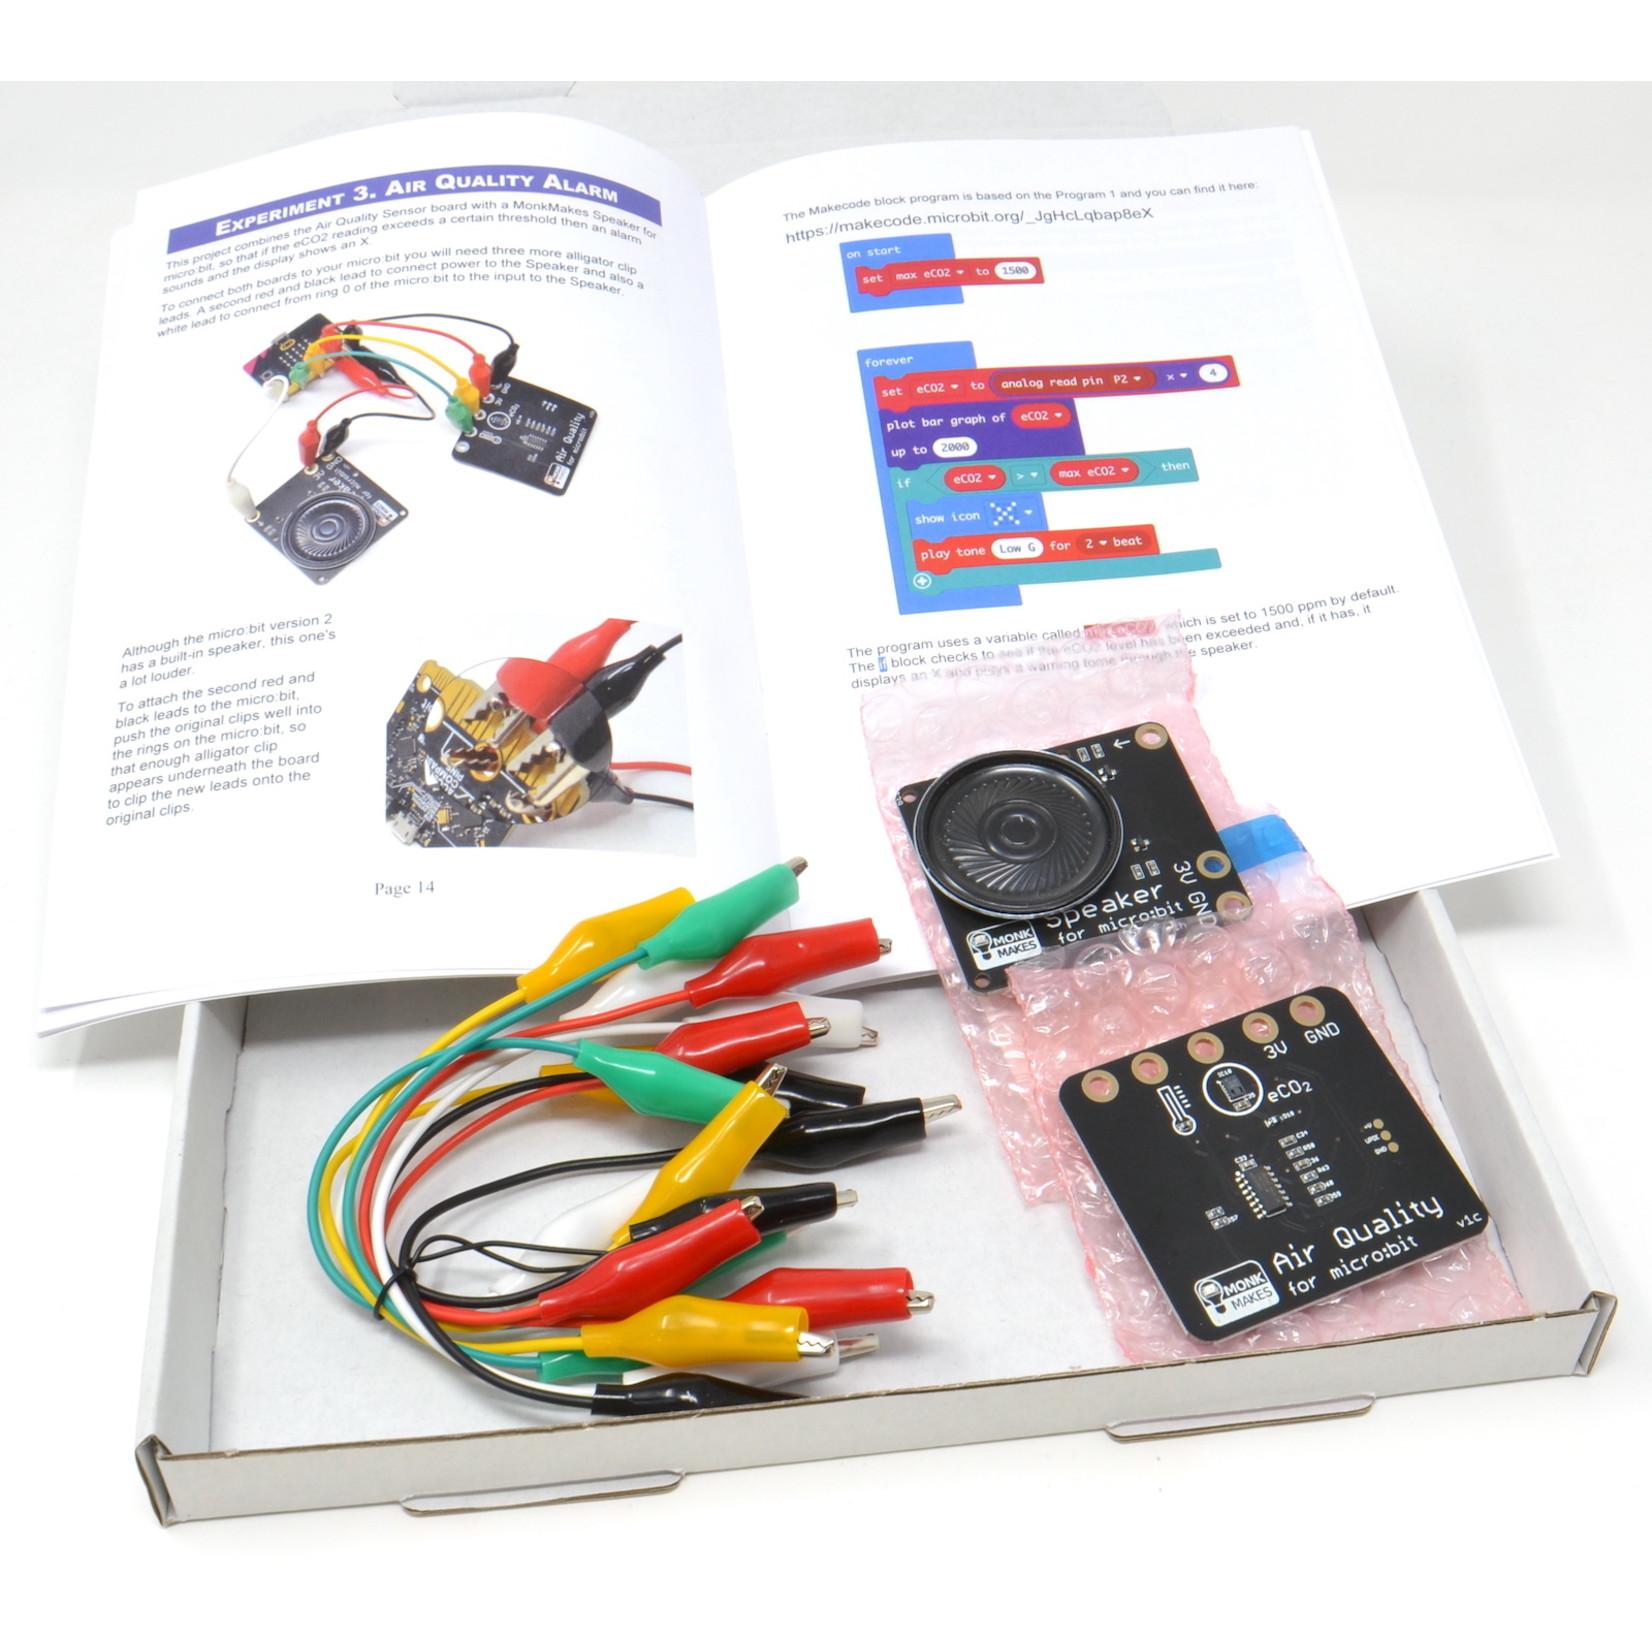 MonkMakes Kit de qualité de l'air pour micro:bit